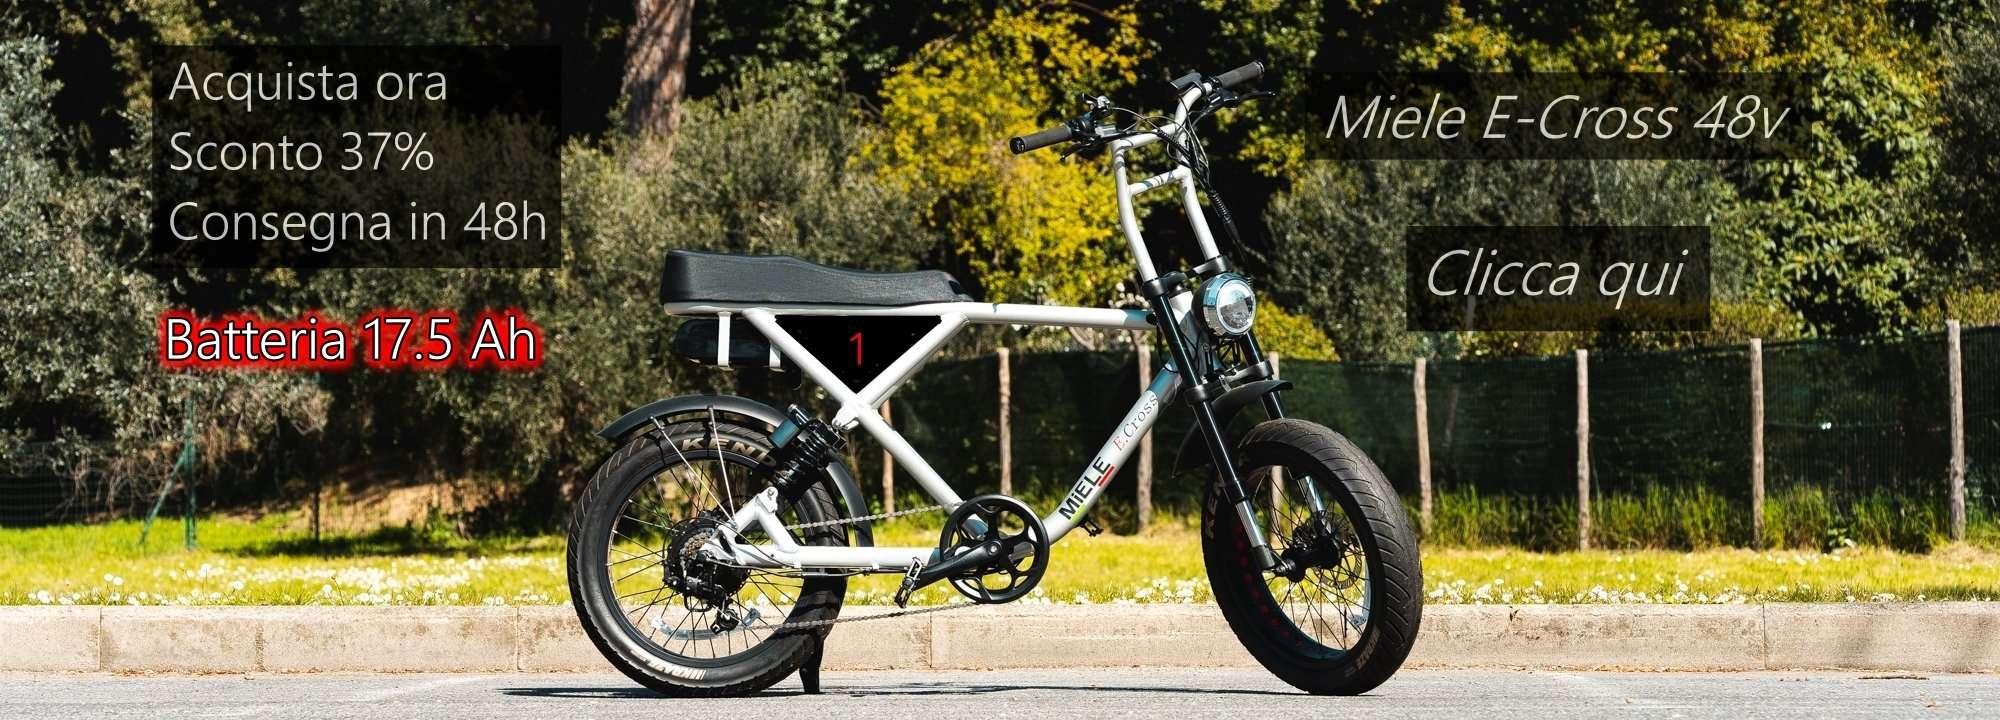 bici elettrica biposto potente 500 w